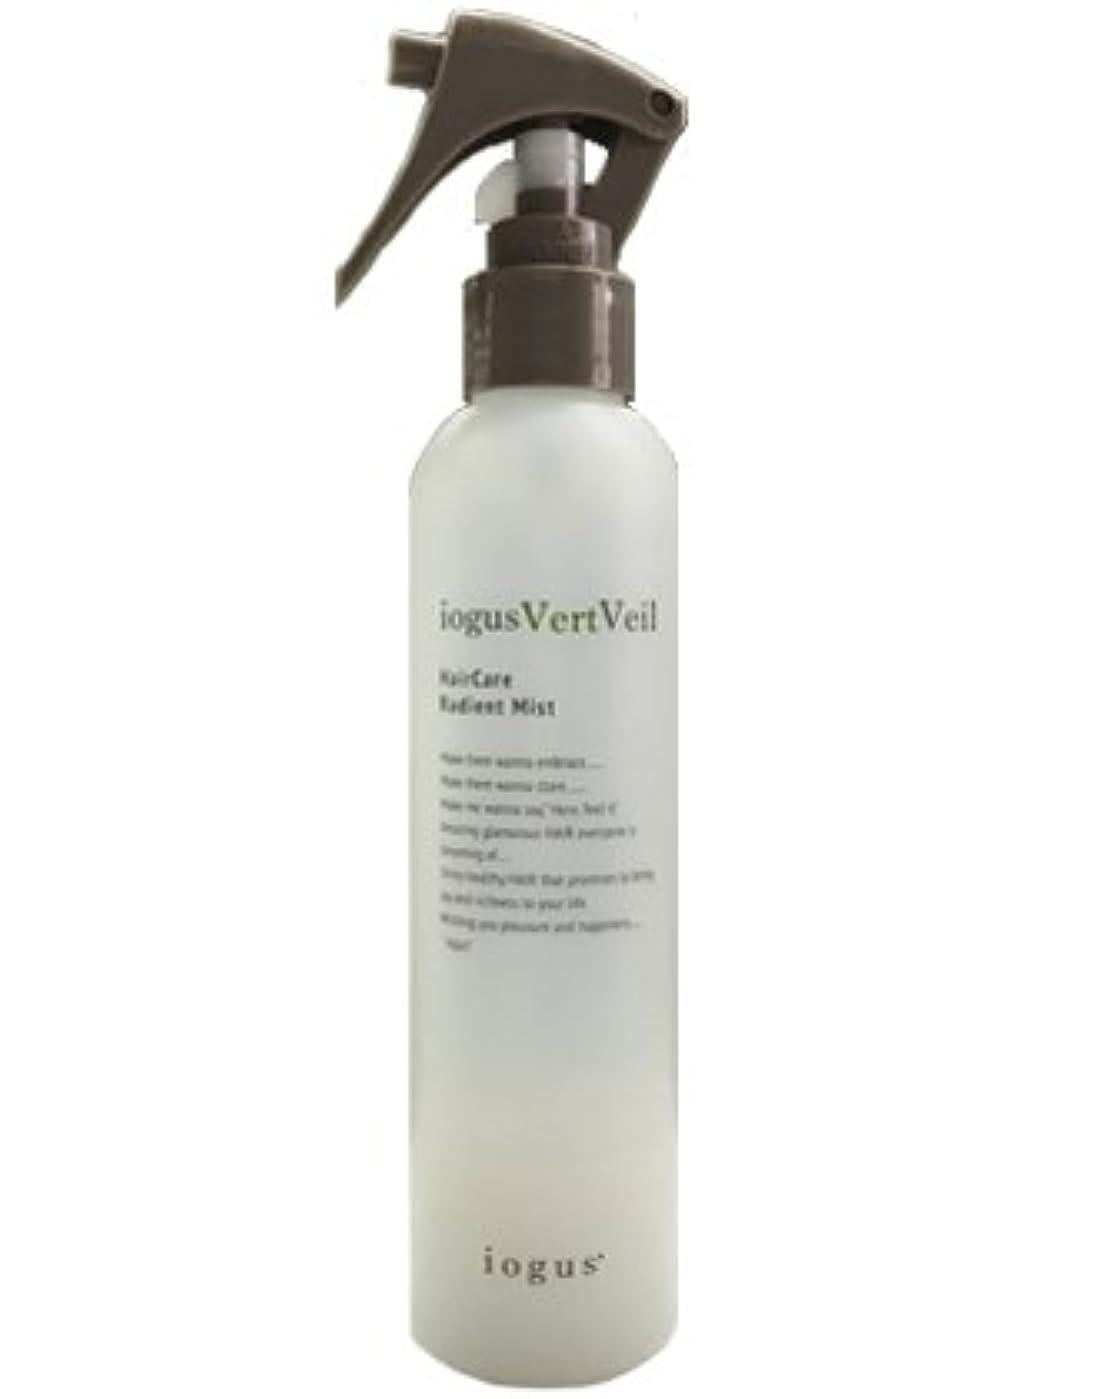 きらめく薄汚いペパーミントイオグスヴェールヴェールミスト 200ml 美容室で大人気!芯のある髪にする導入型CMCミストが圧倒的な浸透力を実現!髪の内部までしっかり浸透し、ダメージホールを減少させ、艶やかでまとまりのある髪にします